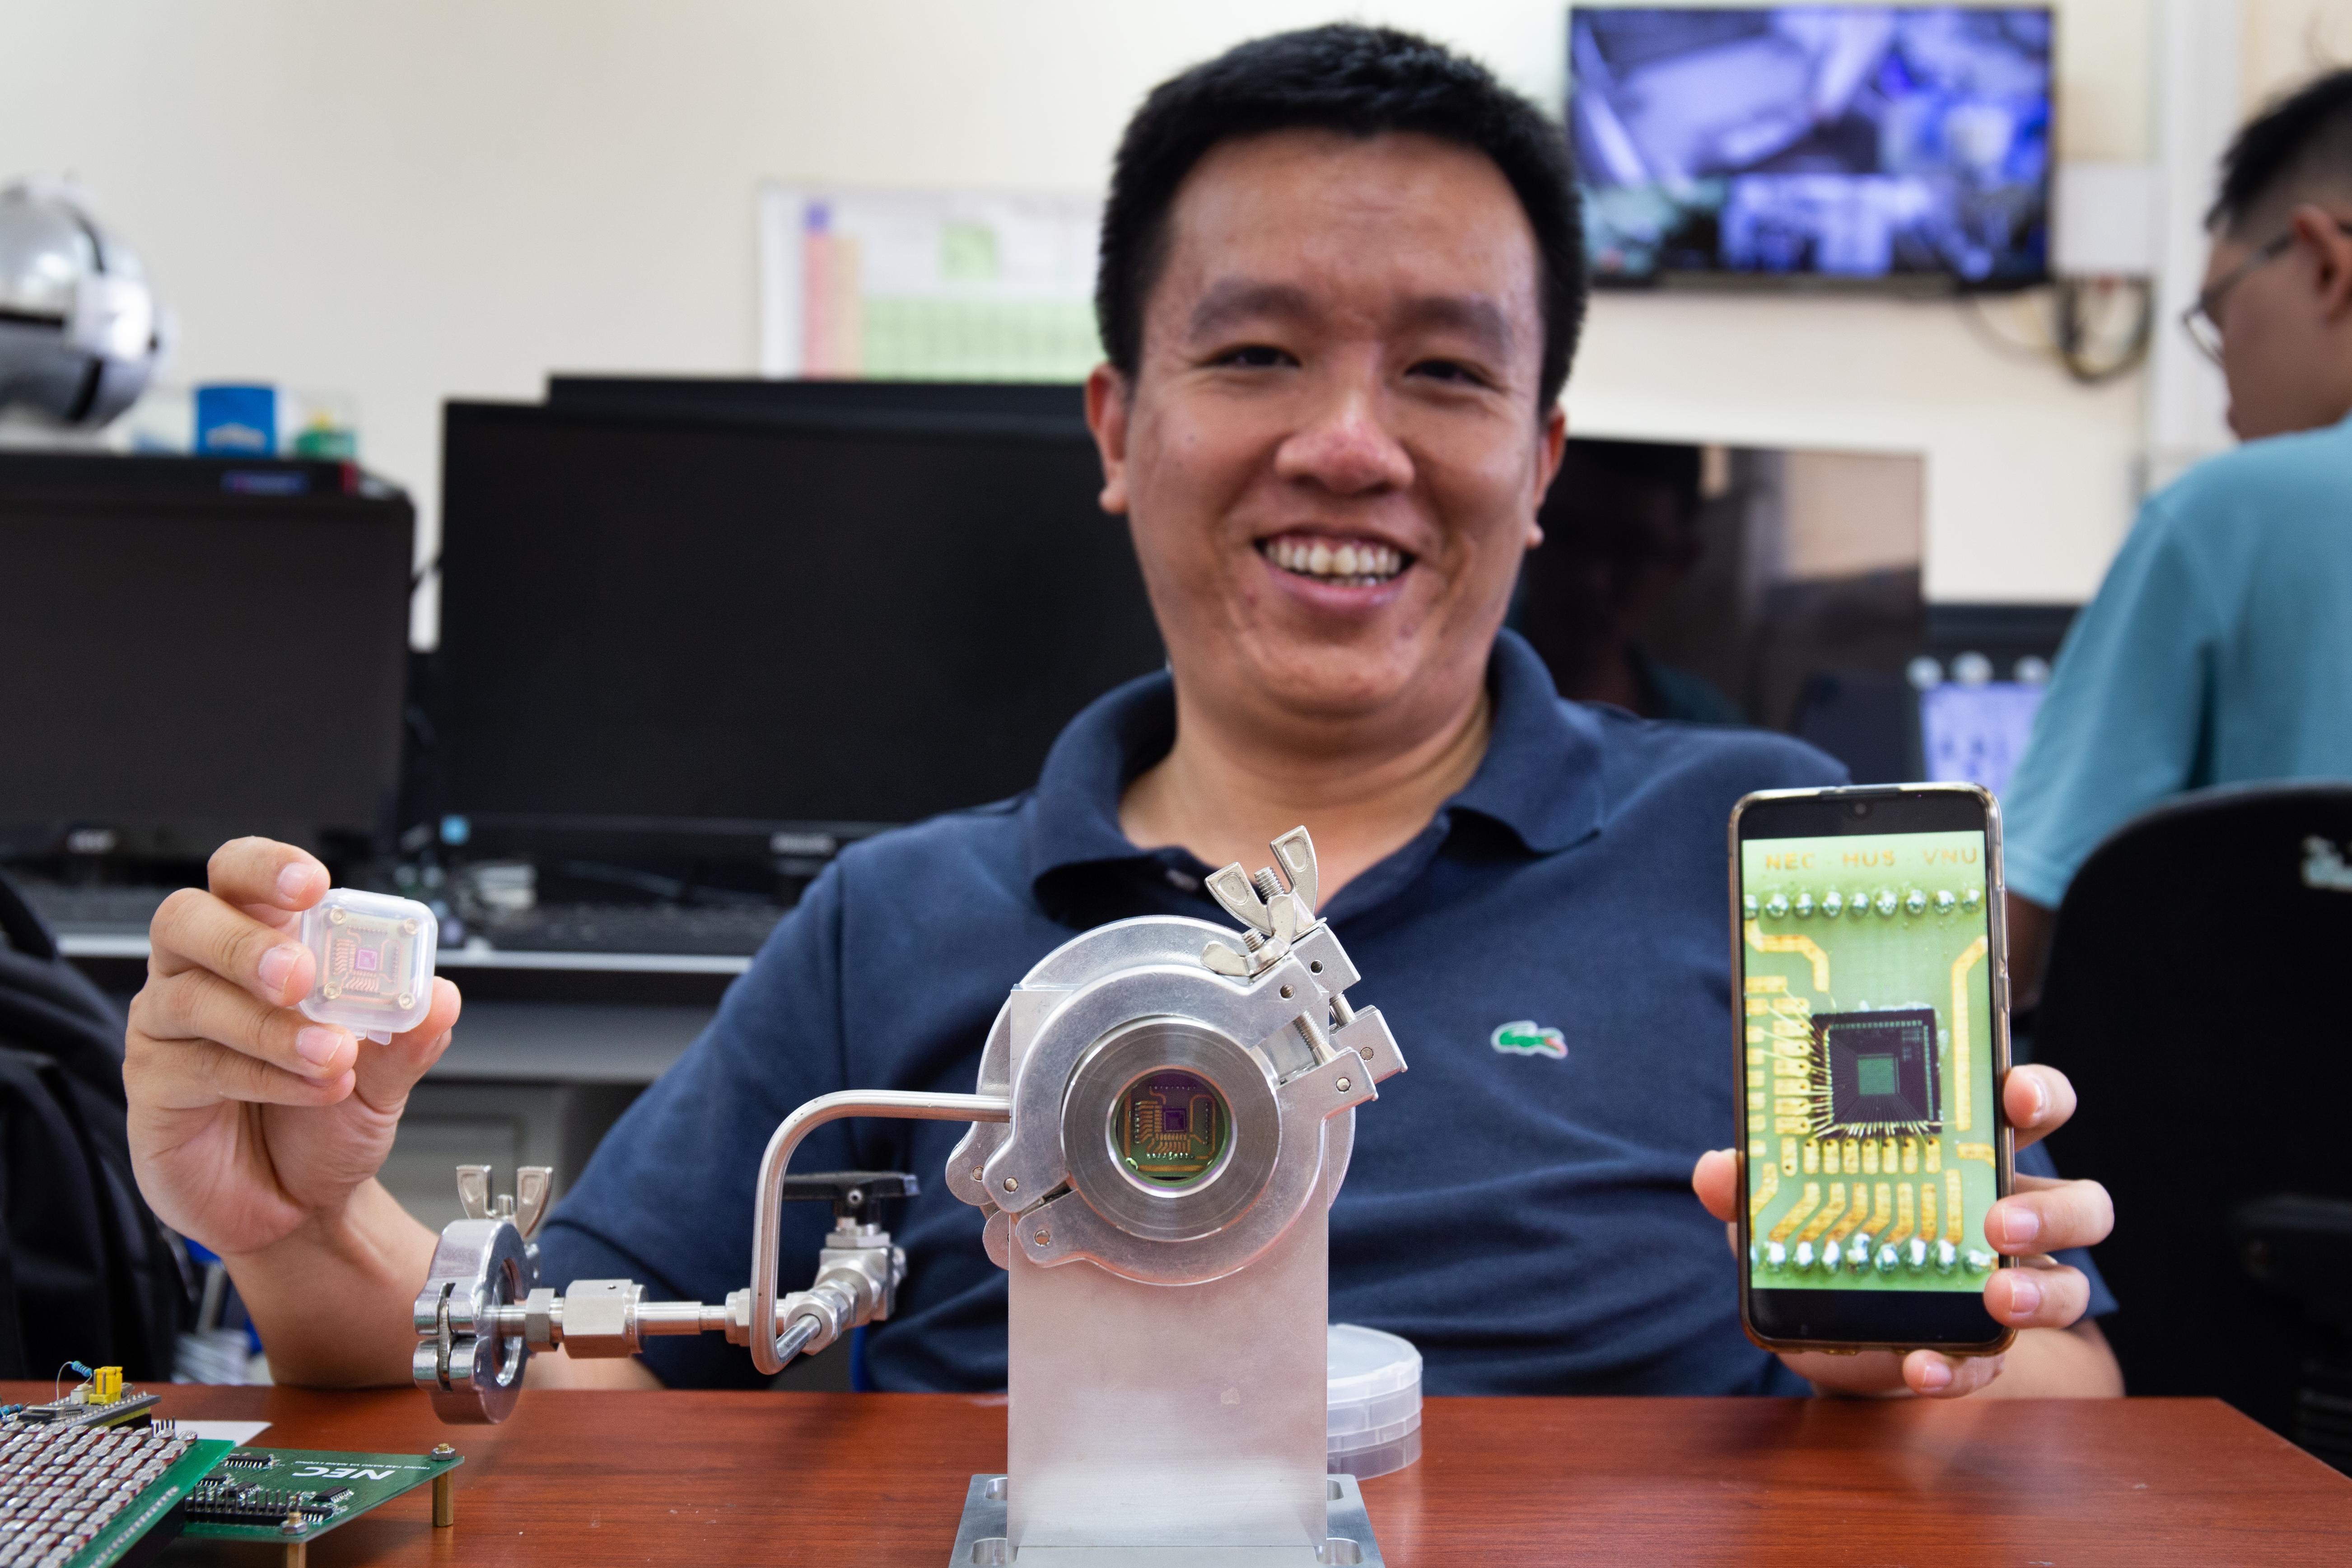 TS Nguyễn Trần Thuật, ĐH Khoa học tự nhiên, ĐH Quốc gia Hà Nội, giới thiệu cảm biến nhiệt do nhóm của anh nghiên cứu. Ảnh: Hoàng Nam